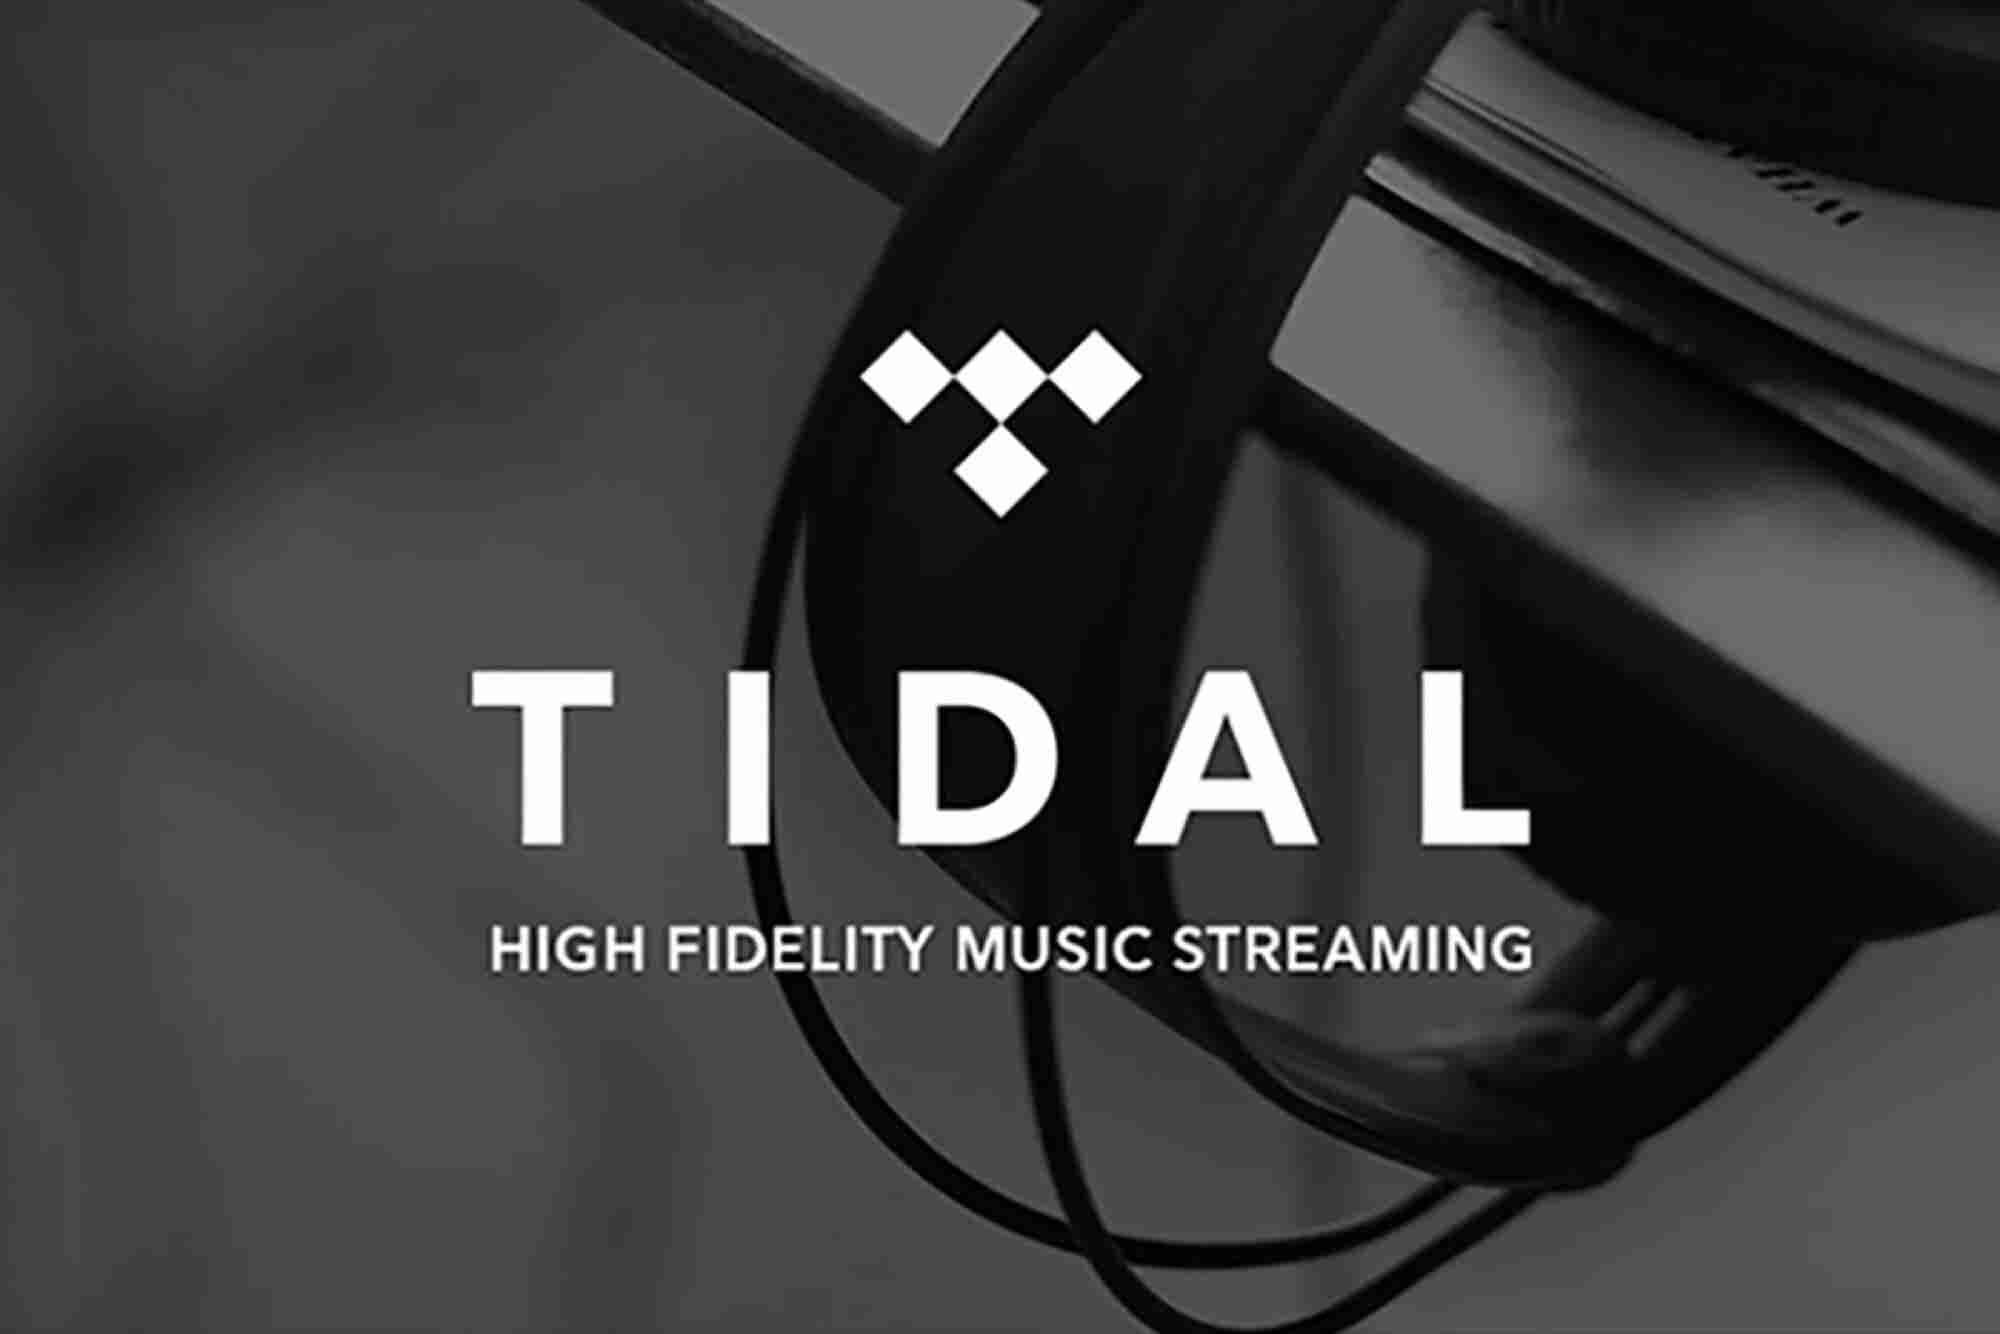 Jay Z lanza Tidal, su propio servicio de streaming